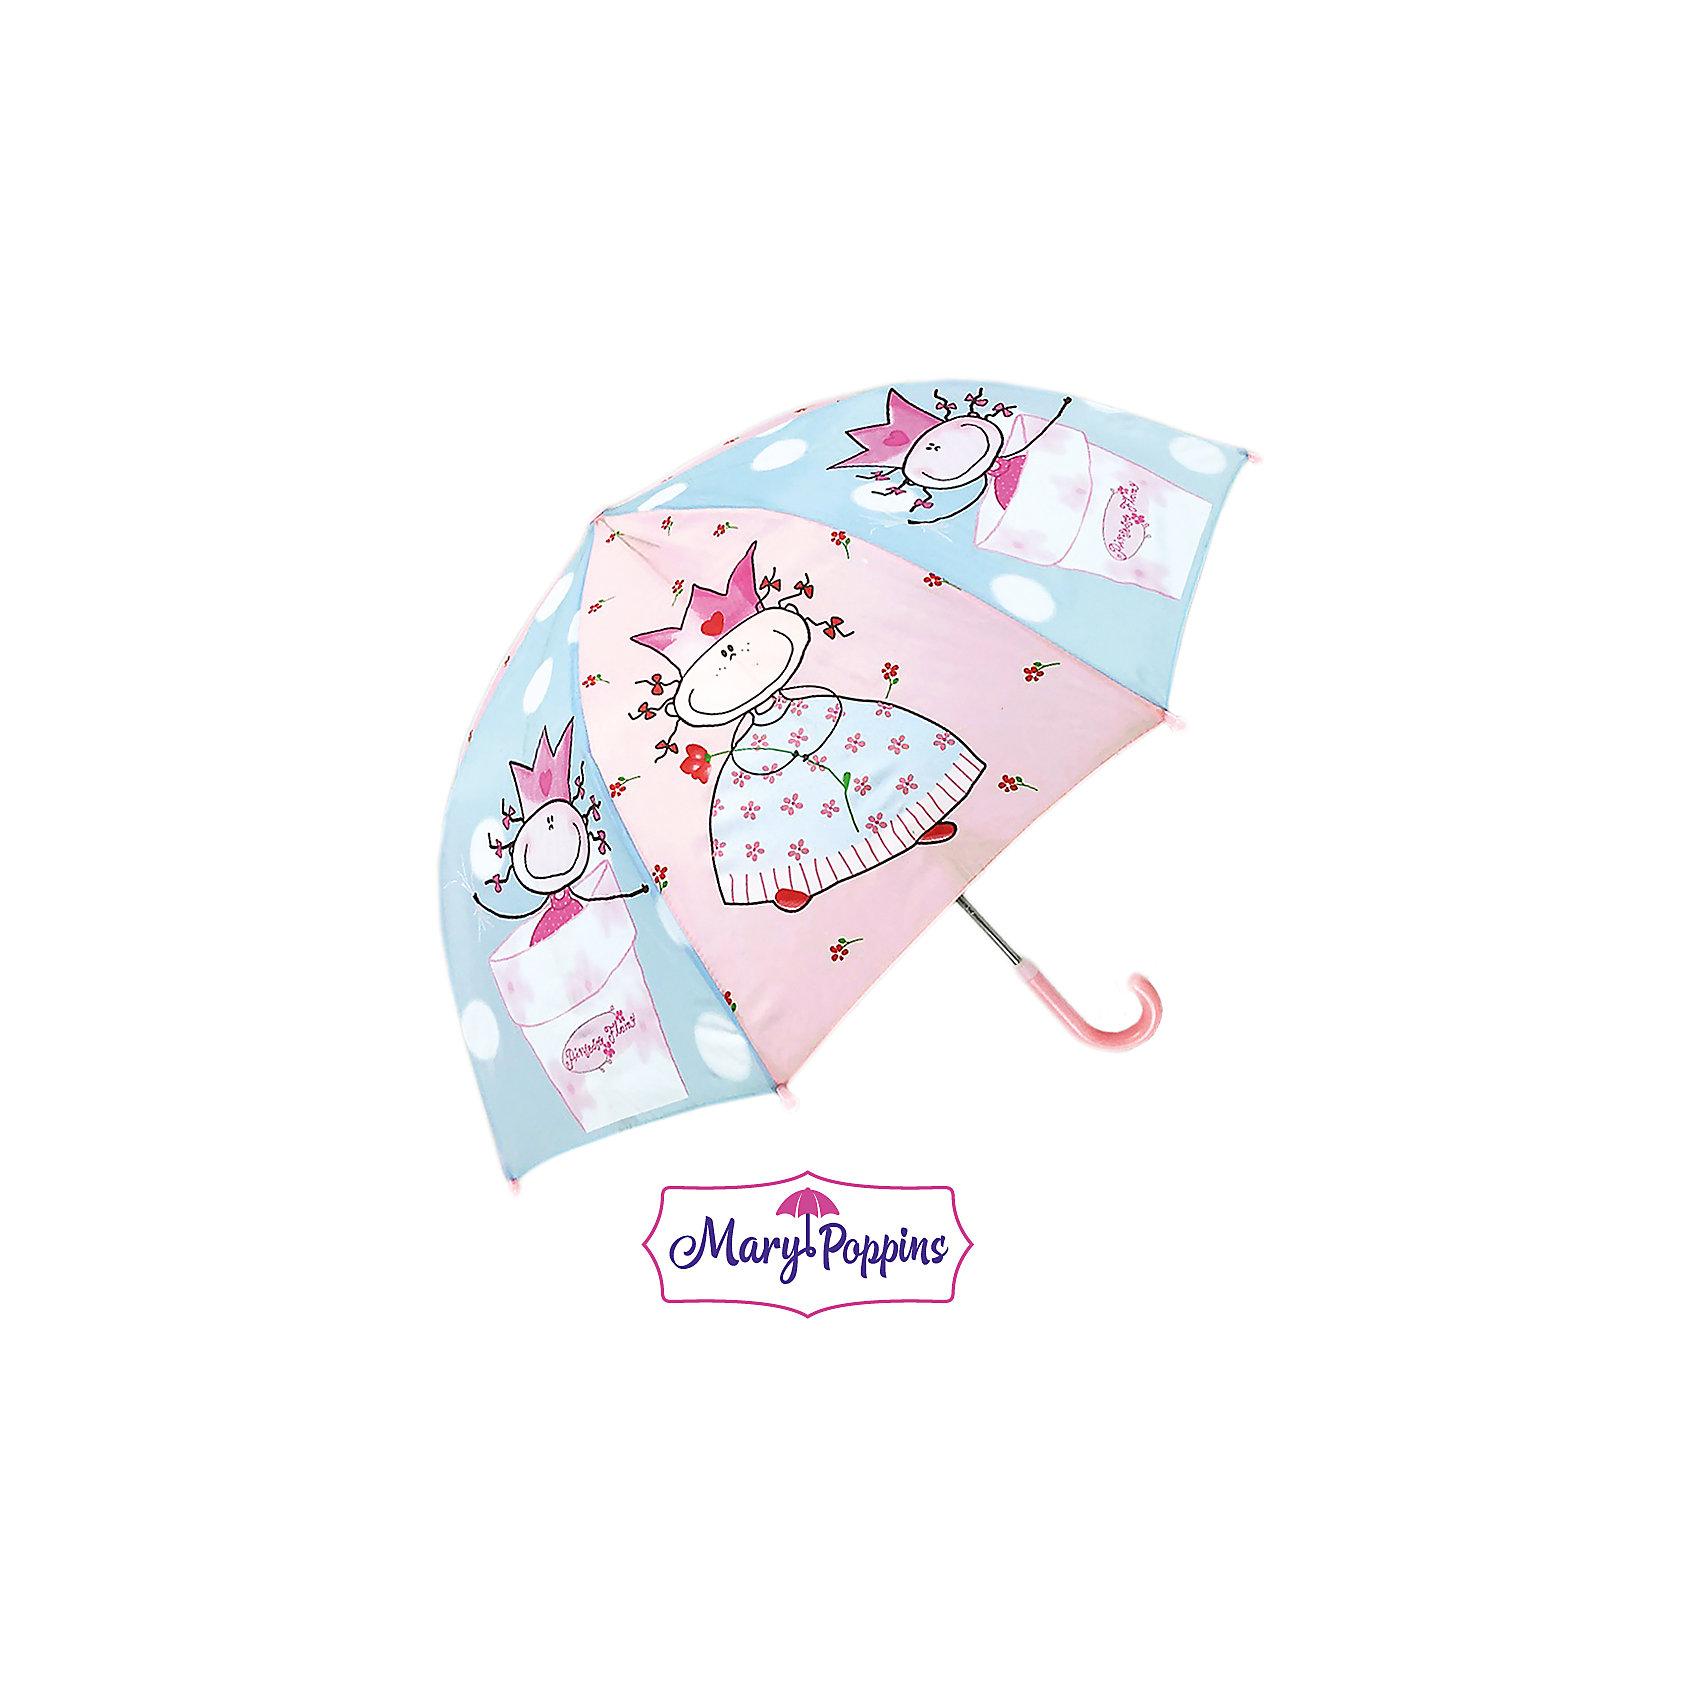 Зонт детский Смешная принцесса, 46см.Зонты детские<br>Зонт детский Смешная принцесса, 46 см., Mary Poppins (Мэри Поппинс)<br><br>Характеристики:<br><br>• устойчив к ветру<br>• система складывания: механическая<br>• прочное крепление купола<br>• радиус купола: 46 см<br>• длина ручки: 57 см<br>• пластиковые насадки на спицах<br>• материал: полиэстер, металл, пластик<br>• размер упаковки: 58х4х4 см<br><br>Зонт Смешная принцесса порадует ребенка красивым дизайном, а родители смогут оценить высокое качество изготовления. Купол зонта выполнен в нежно-розовом цвете, украшенном изображениями принцесс. Купол надежно закреплен на металлическом каркасе и устойчив даже к сильному ветру. Спицы дополнены закругленными наконечниками из пластика. В собранном виде зонтик застегивается на липучку. Красивый зонтик защит ребенка от дождя и поднимет настроение в непогоду.<br><br>Зонт детский Смешная принцесса, 46 см., Mary Poppins (Мэри Поппинс) вы можете купить в нашем интернет-магазине.<br><br>Ширина мм: 580<br>Глубина мм: 400<br>Высота мм: 400<br>Вес г: 200<br>Возраст от месяцев: 36<br>Возраст до месяцев: 2147483647<br>Пол: Женский<br>Возраст: Детский<br>SKU: 5508524